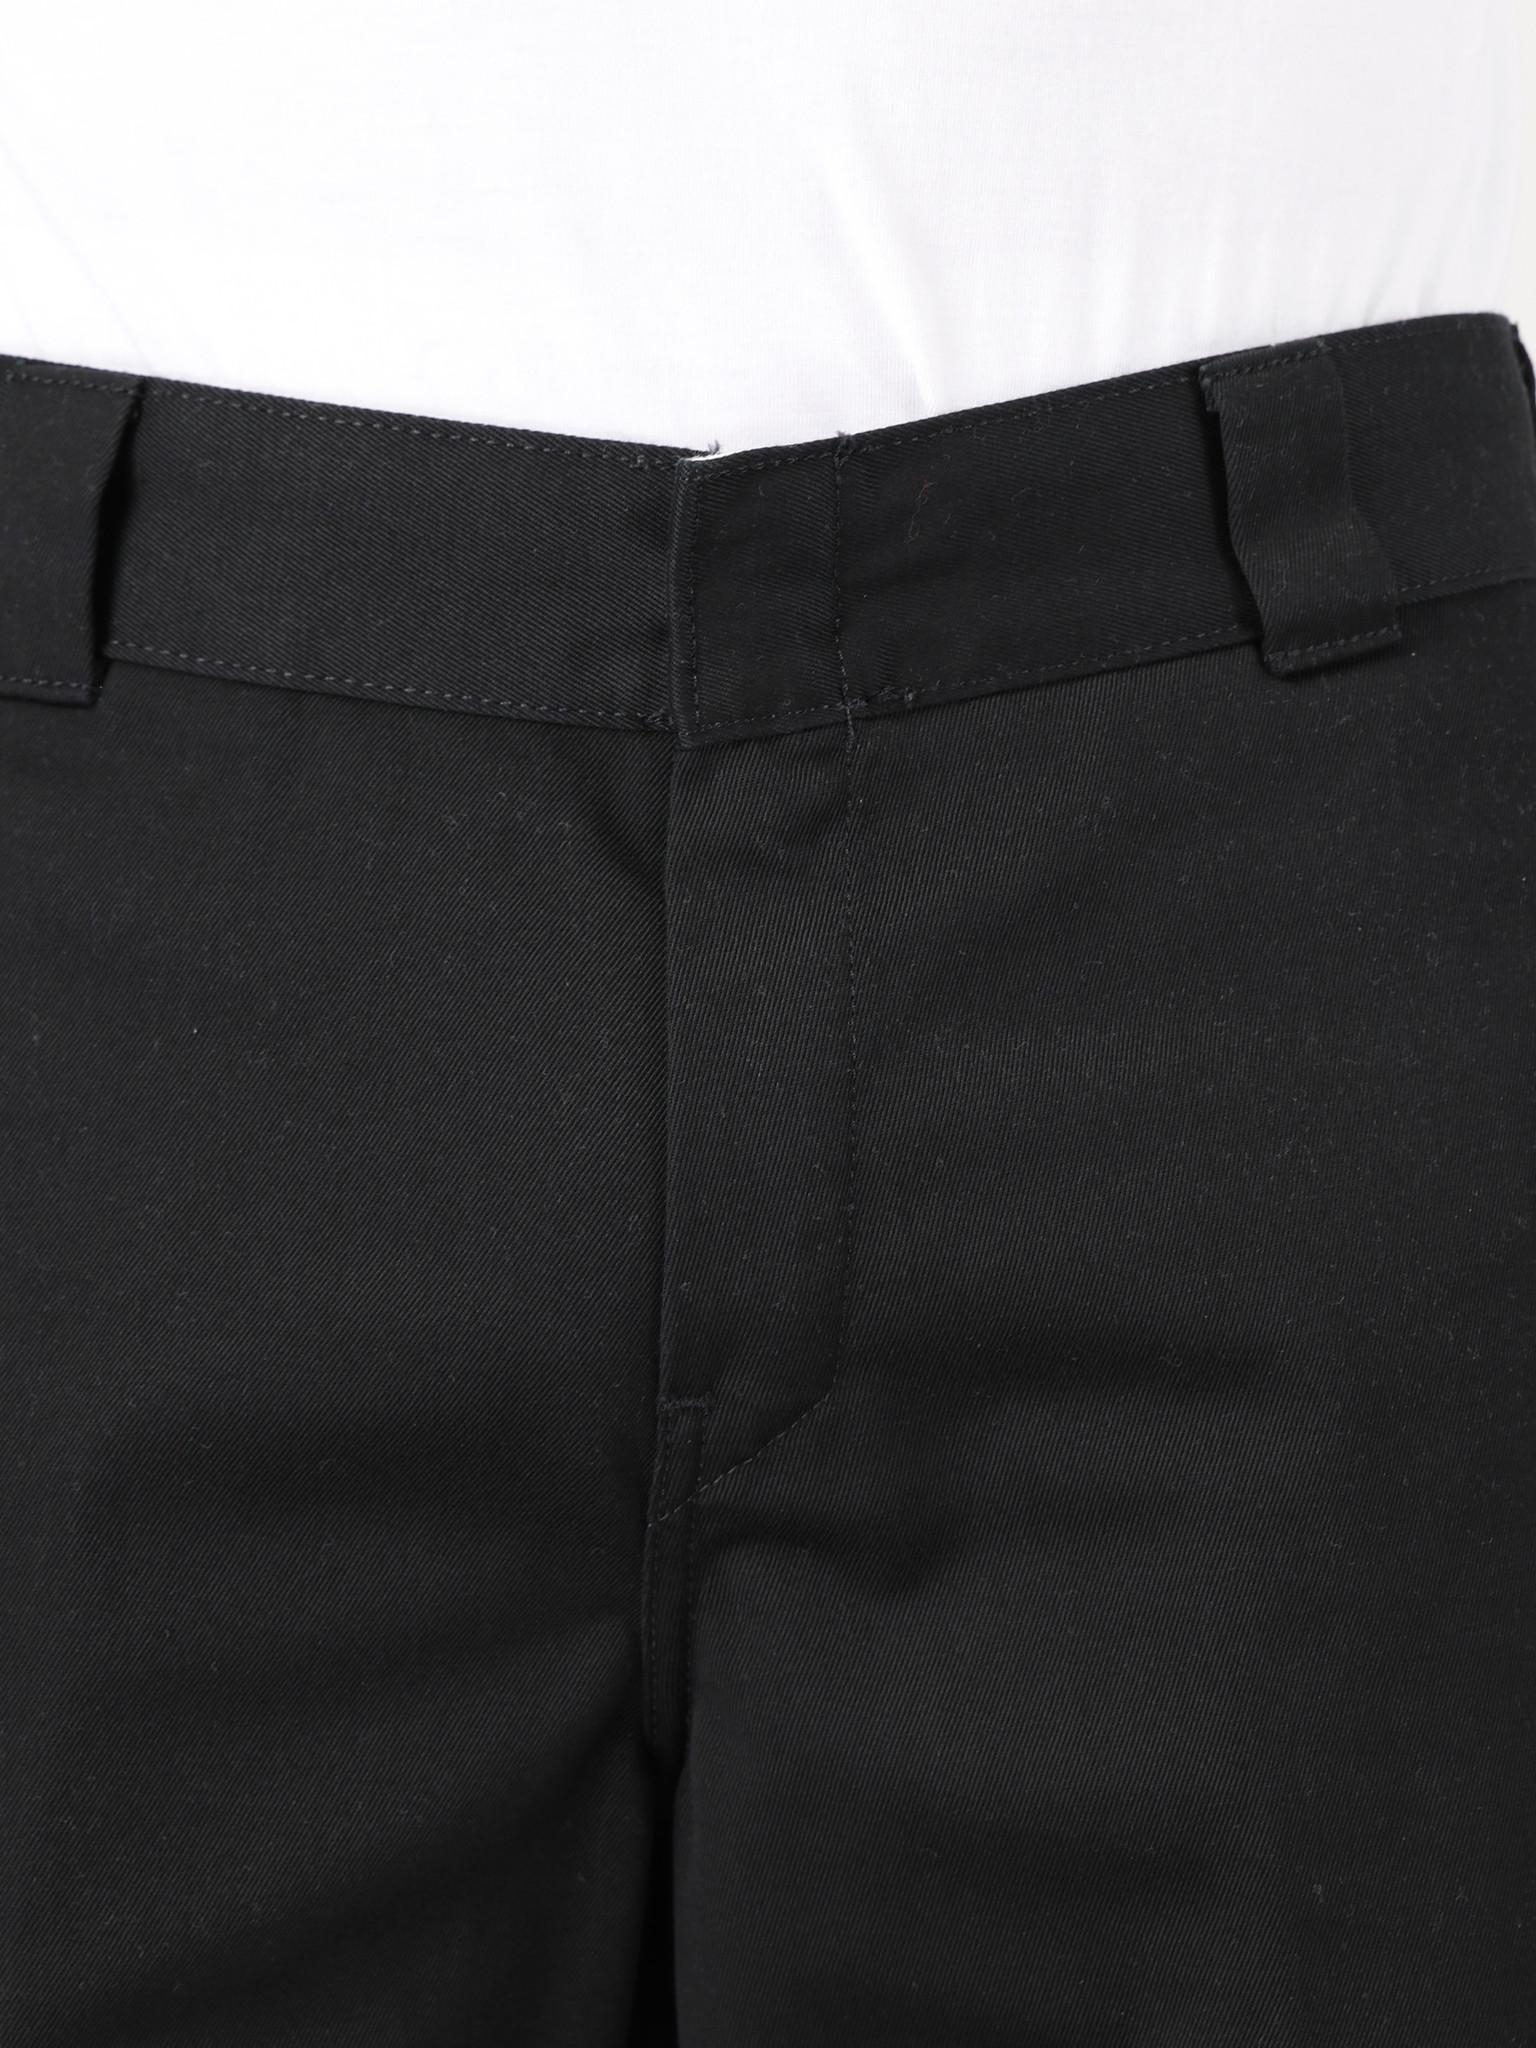 Carhartt WIP Carhartt WIP Master Short Rinsed Black I021160